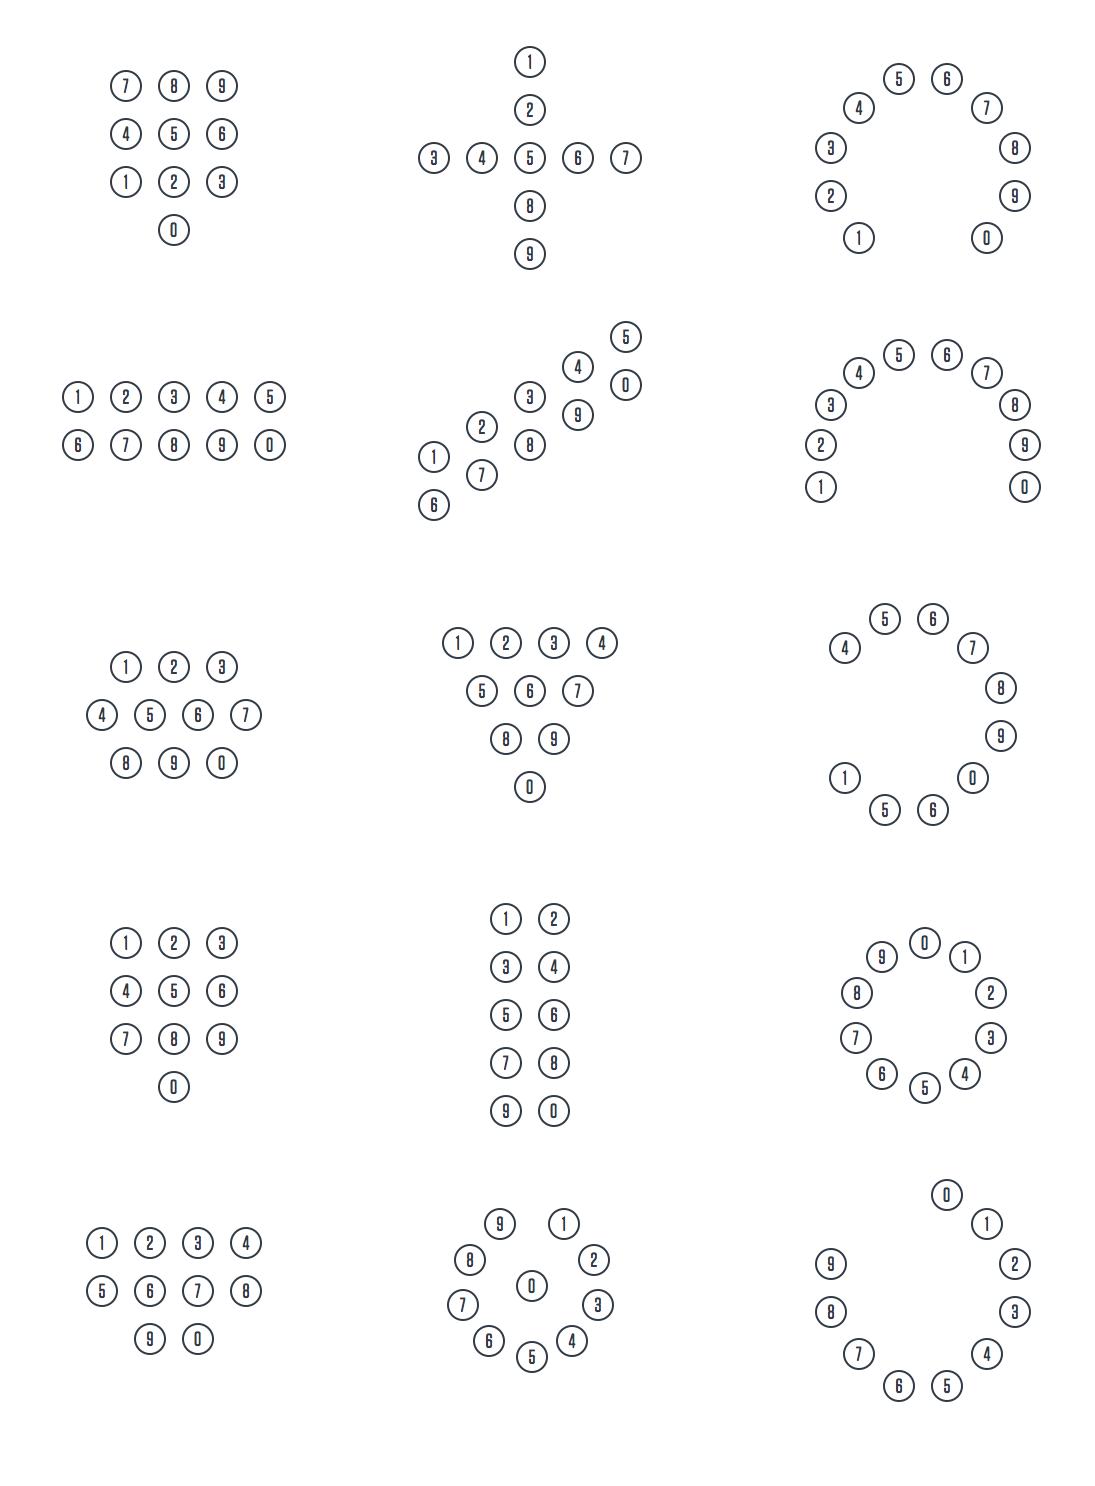 Варианты расположения клавиш, которые тестировали в исследовании 1960 года.